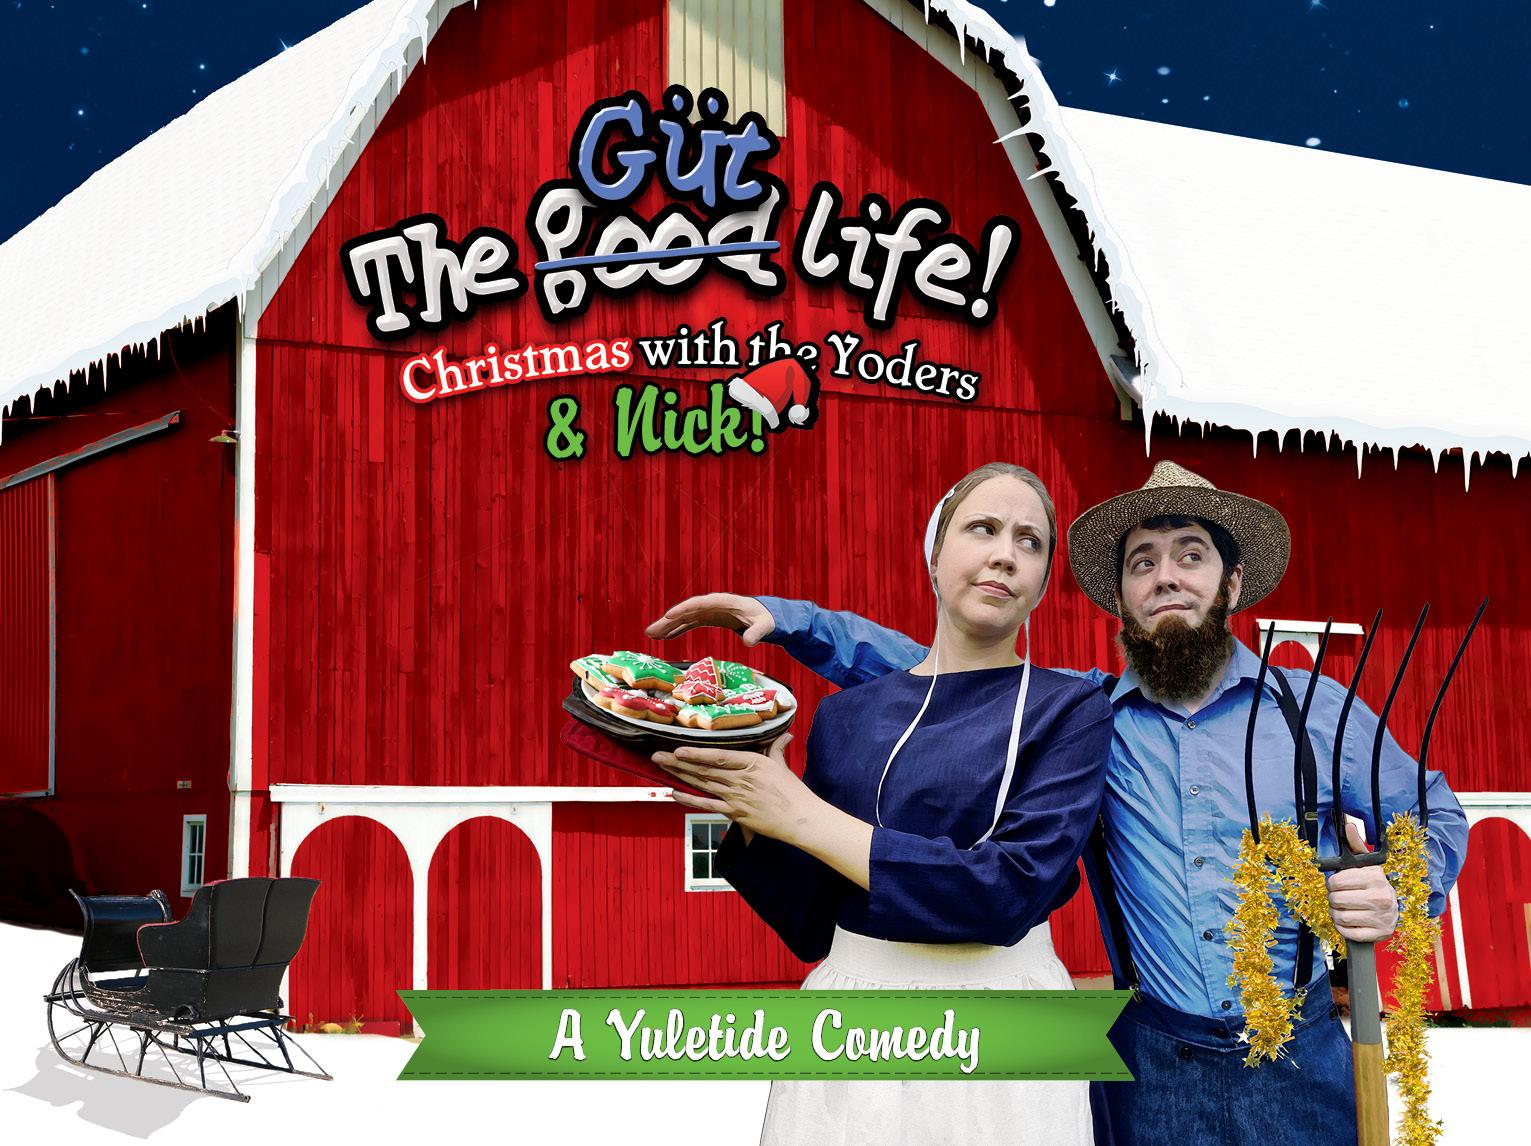 Yoders Sarasota Fl Christmas 2020 The Güt Life! Christmas with the Yoders and Nick!